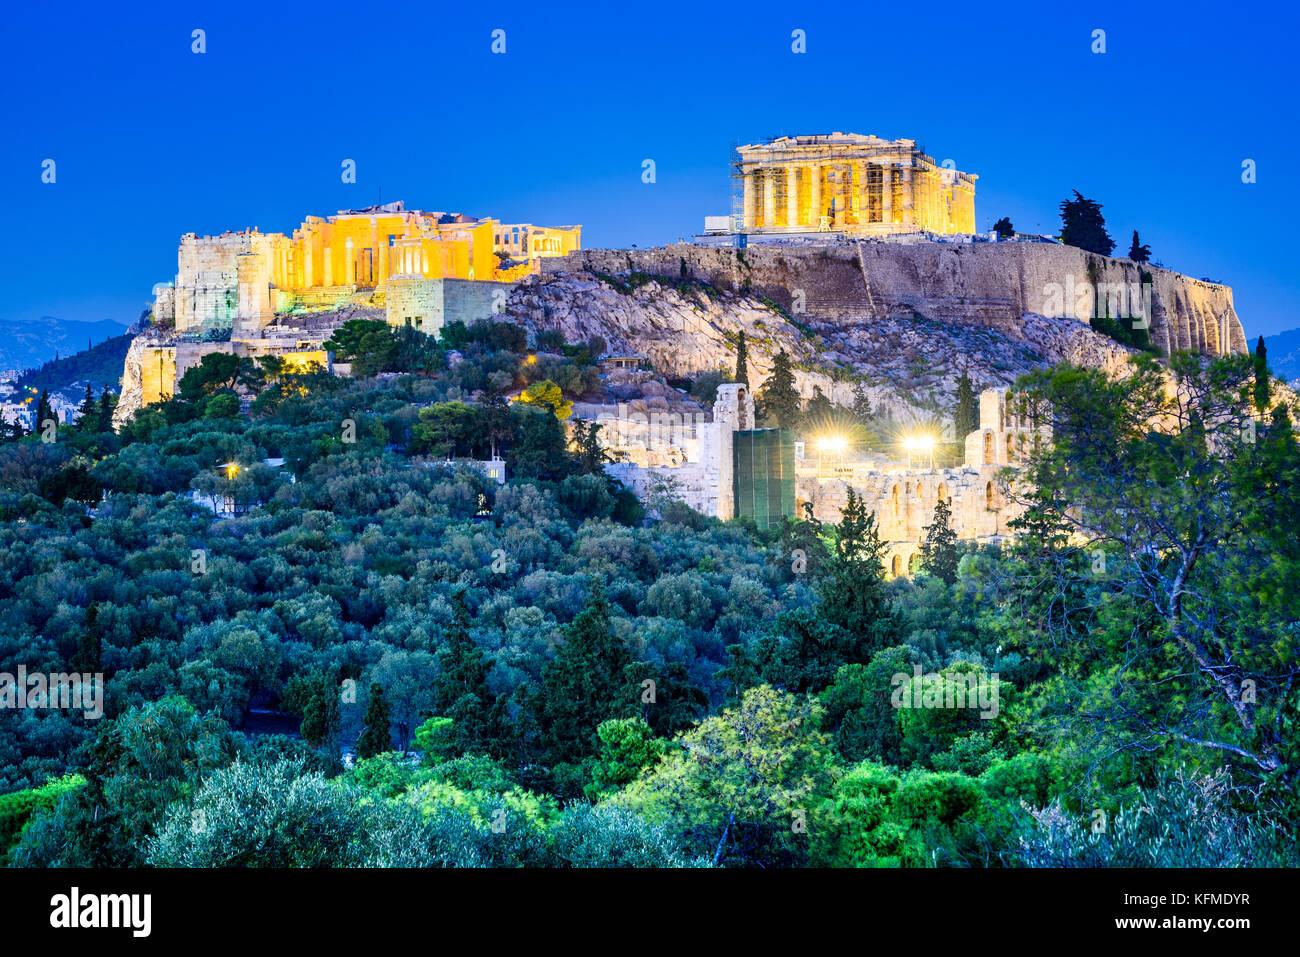 Athènes, Grèce - vue de la nuit de l'Acropole, ancienne citadelle de la civilisation grecque. Photo Stock